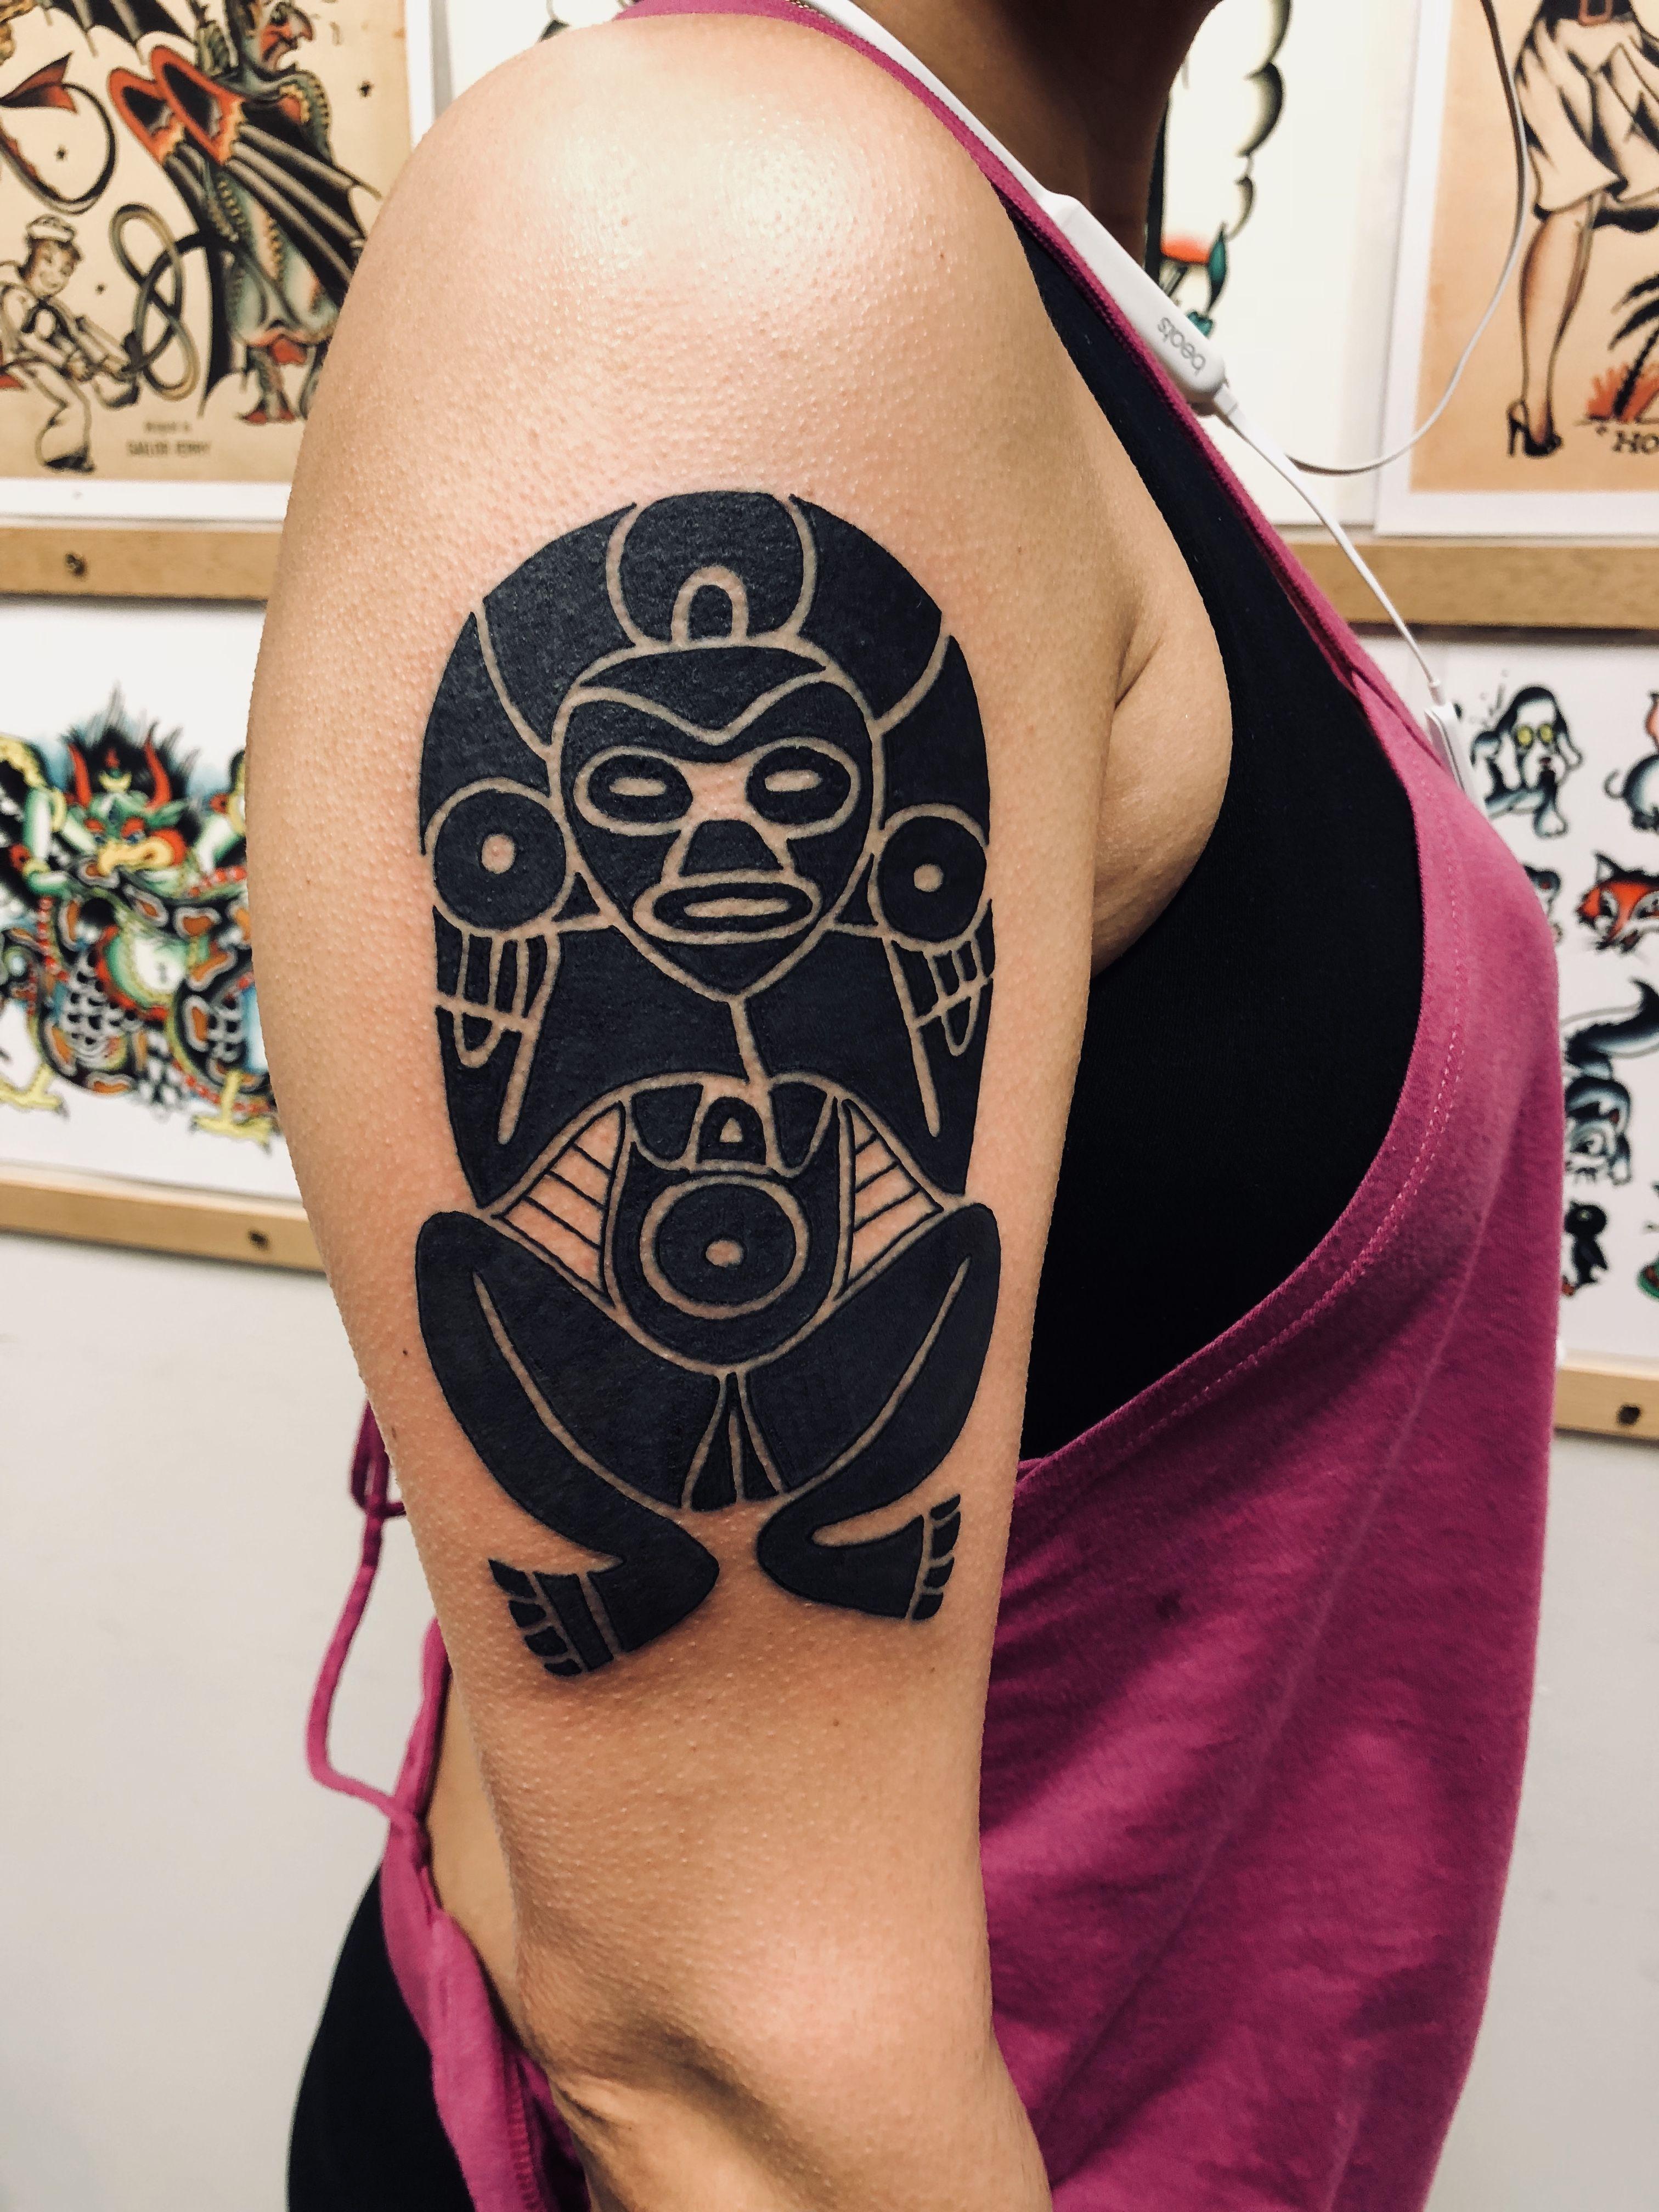 Pin on Taino Tattoos